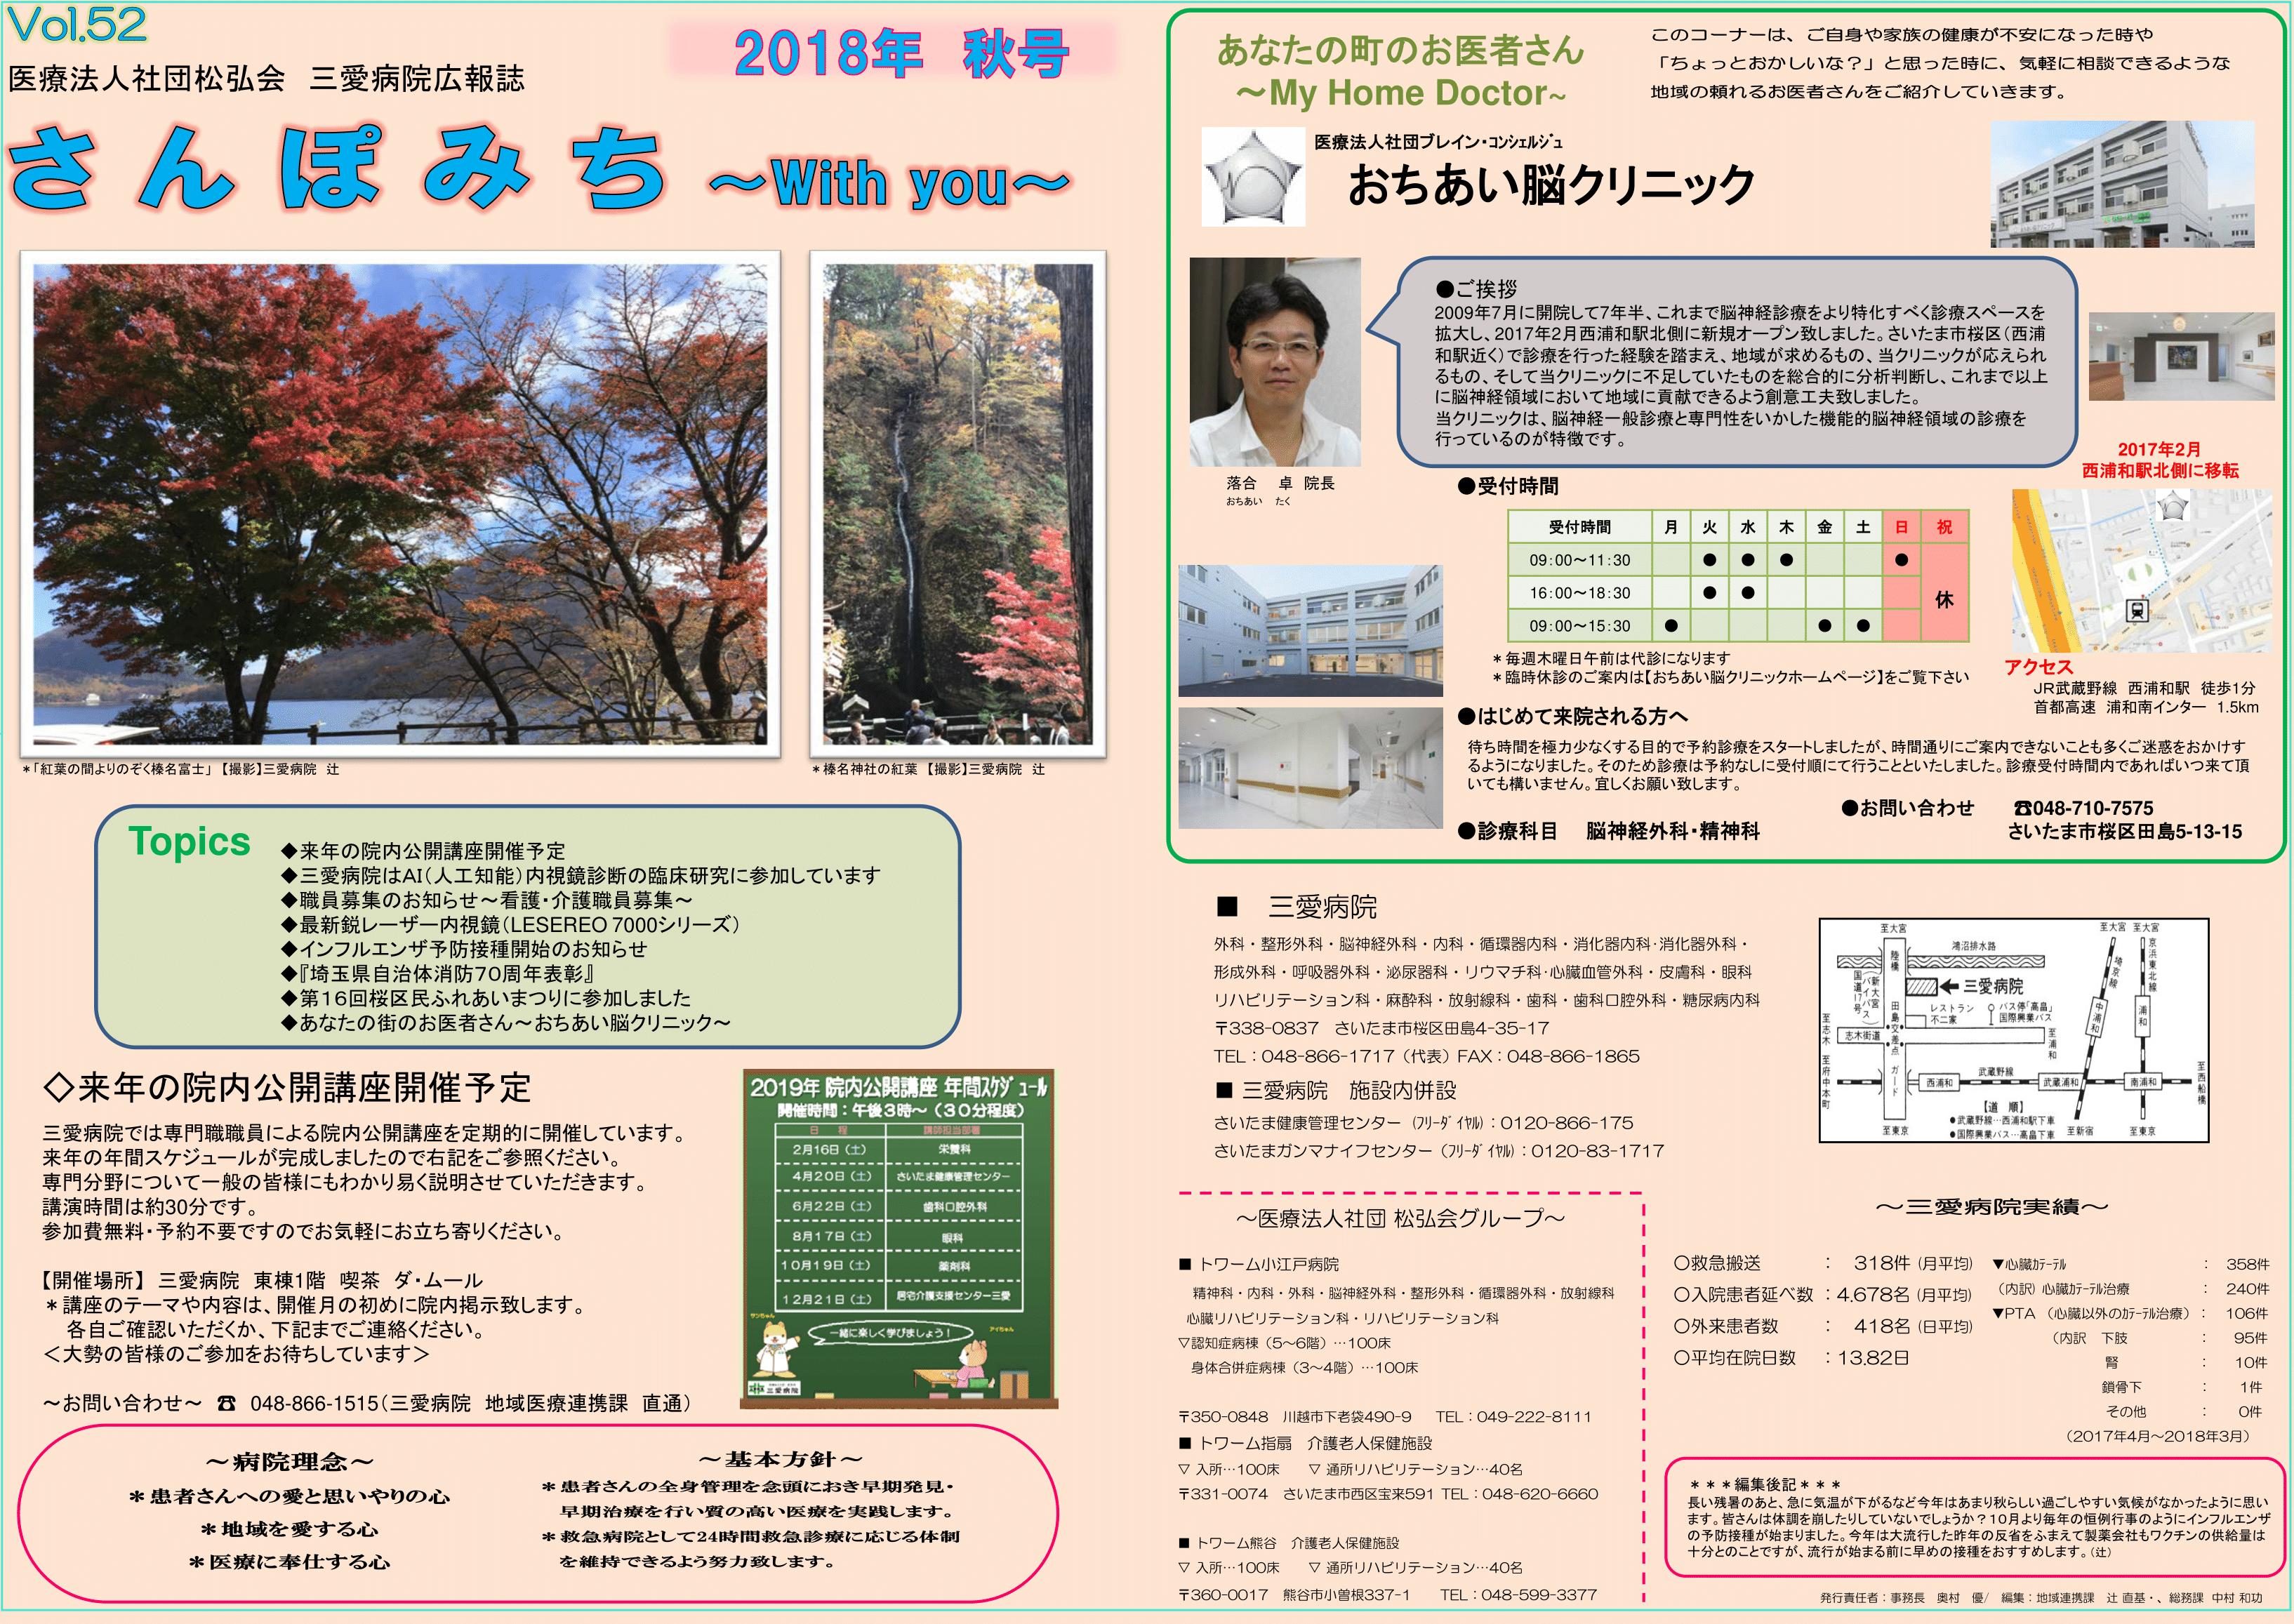 広報誌「さんぽみち with you」Vol.52 秋号